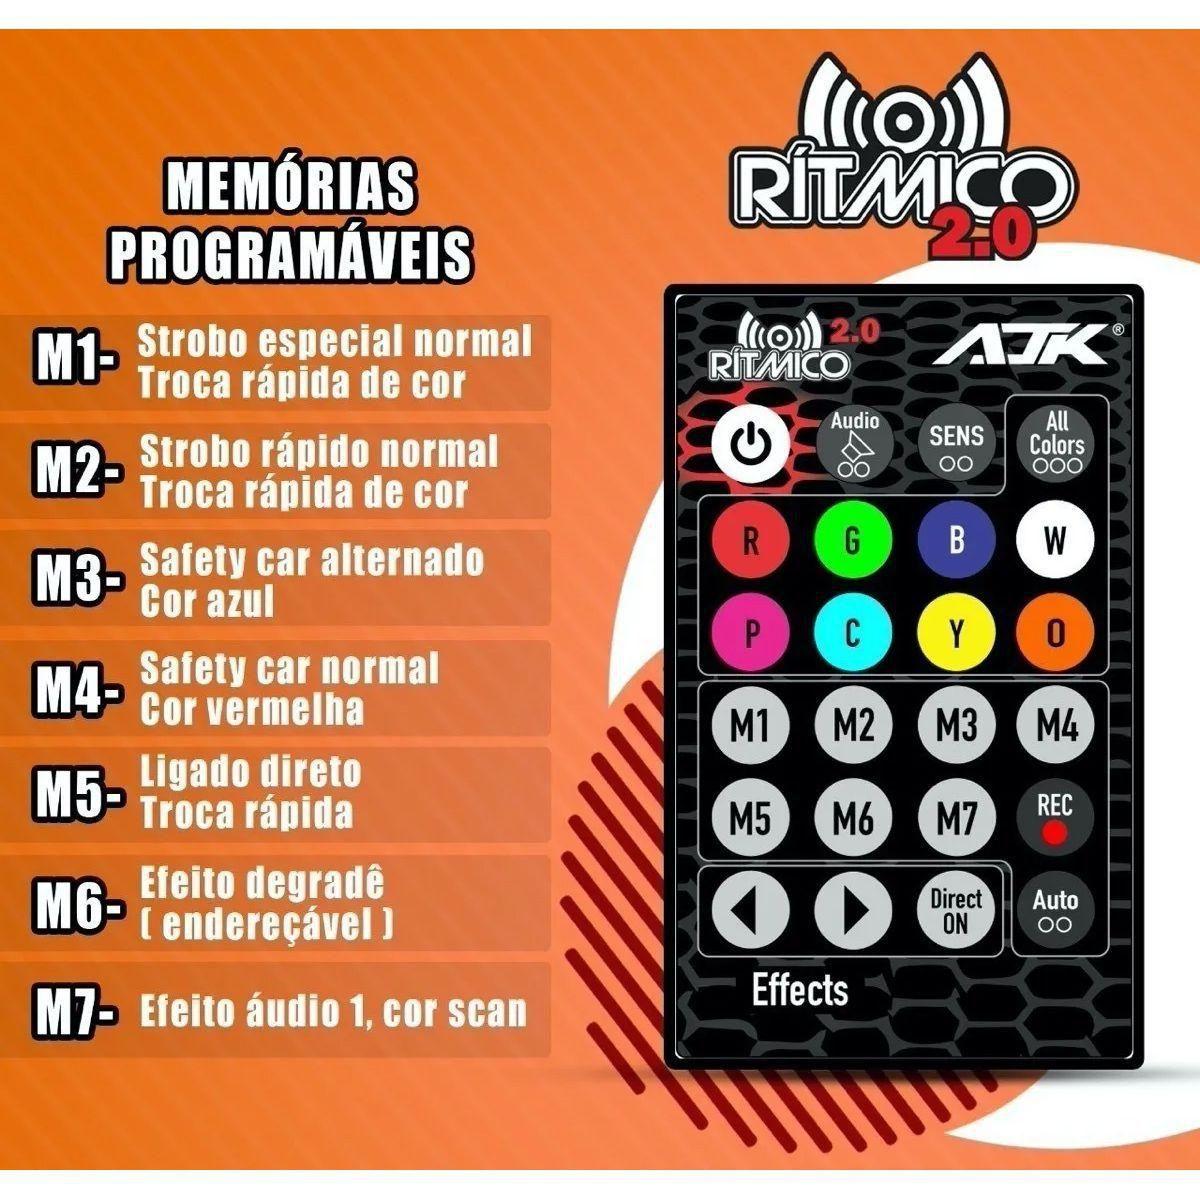 Kit Strobo AJK Ritmico Colorido 1 Central + 1 Controle + 4 Strobos RGB Novo